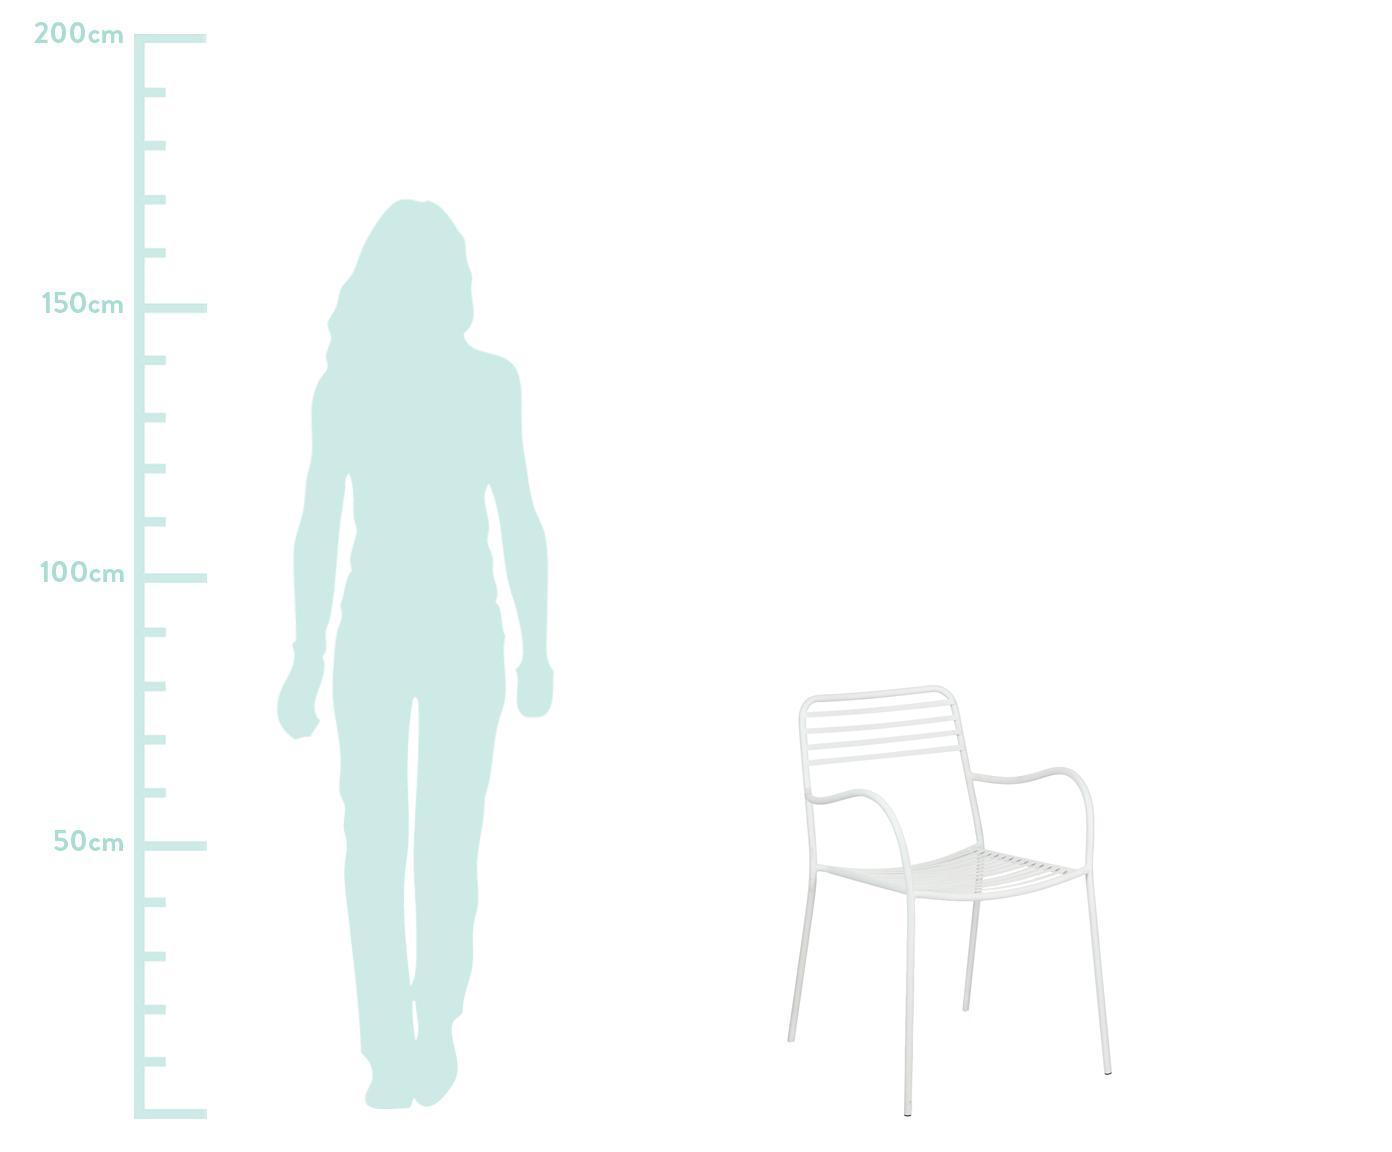 Krzesło balkonowe z metalu z podłokietnikami Tula, 2 szt., Metal malowany proszkowo, Biały, S 50 x G 60 cm